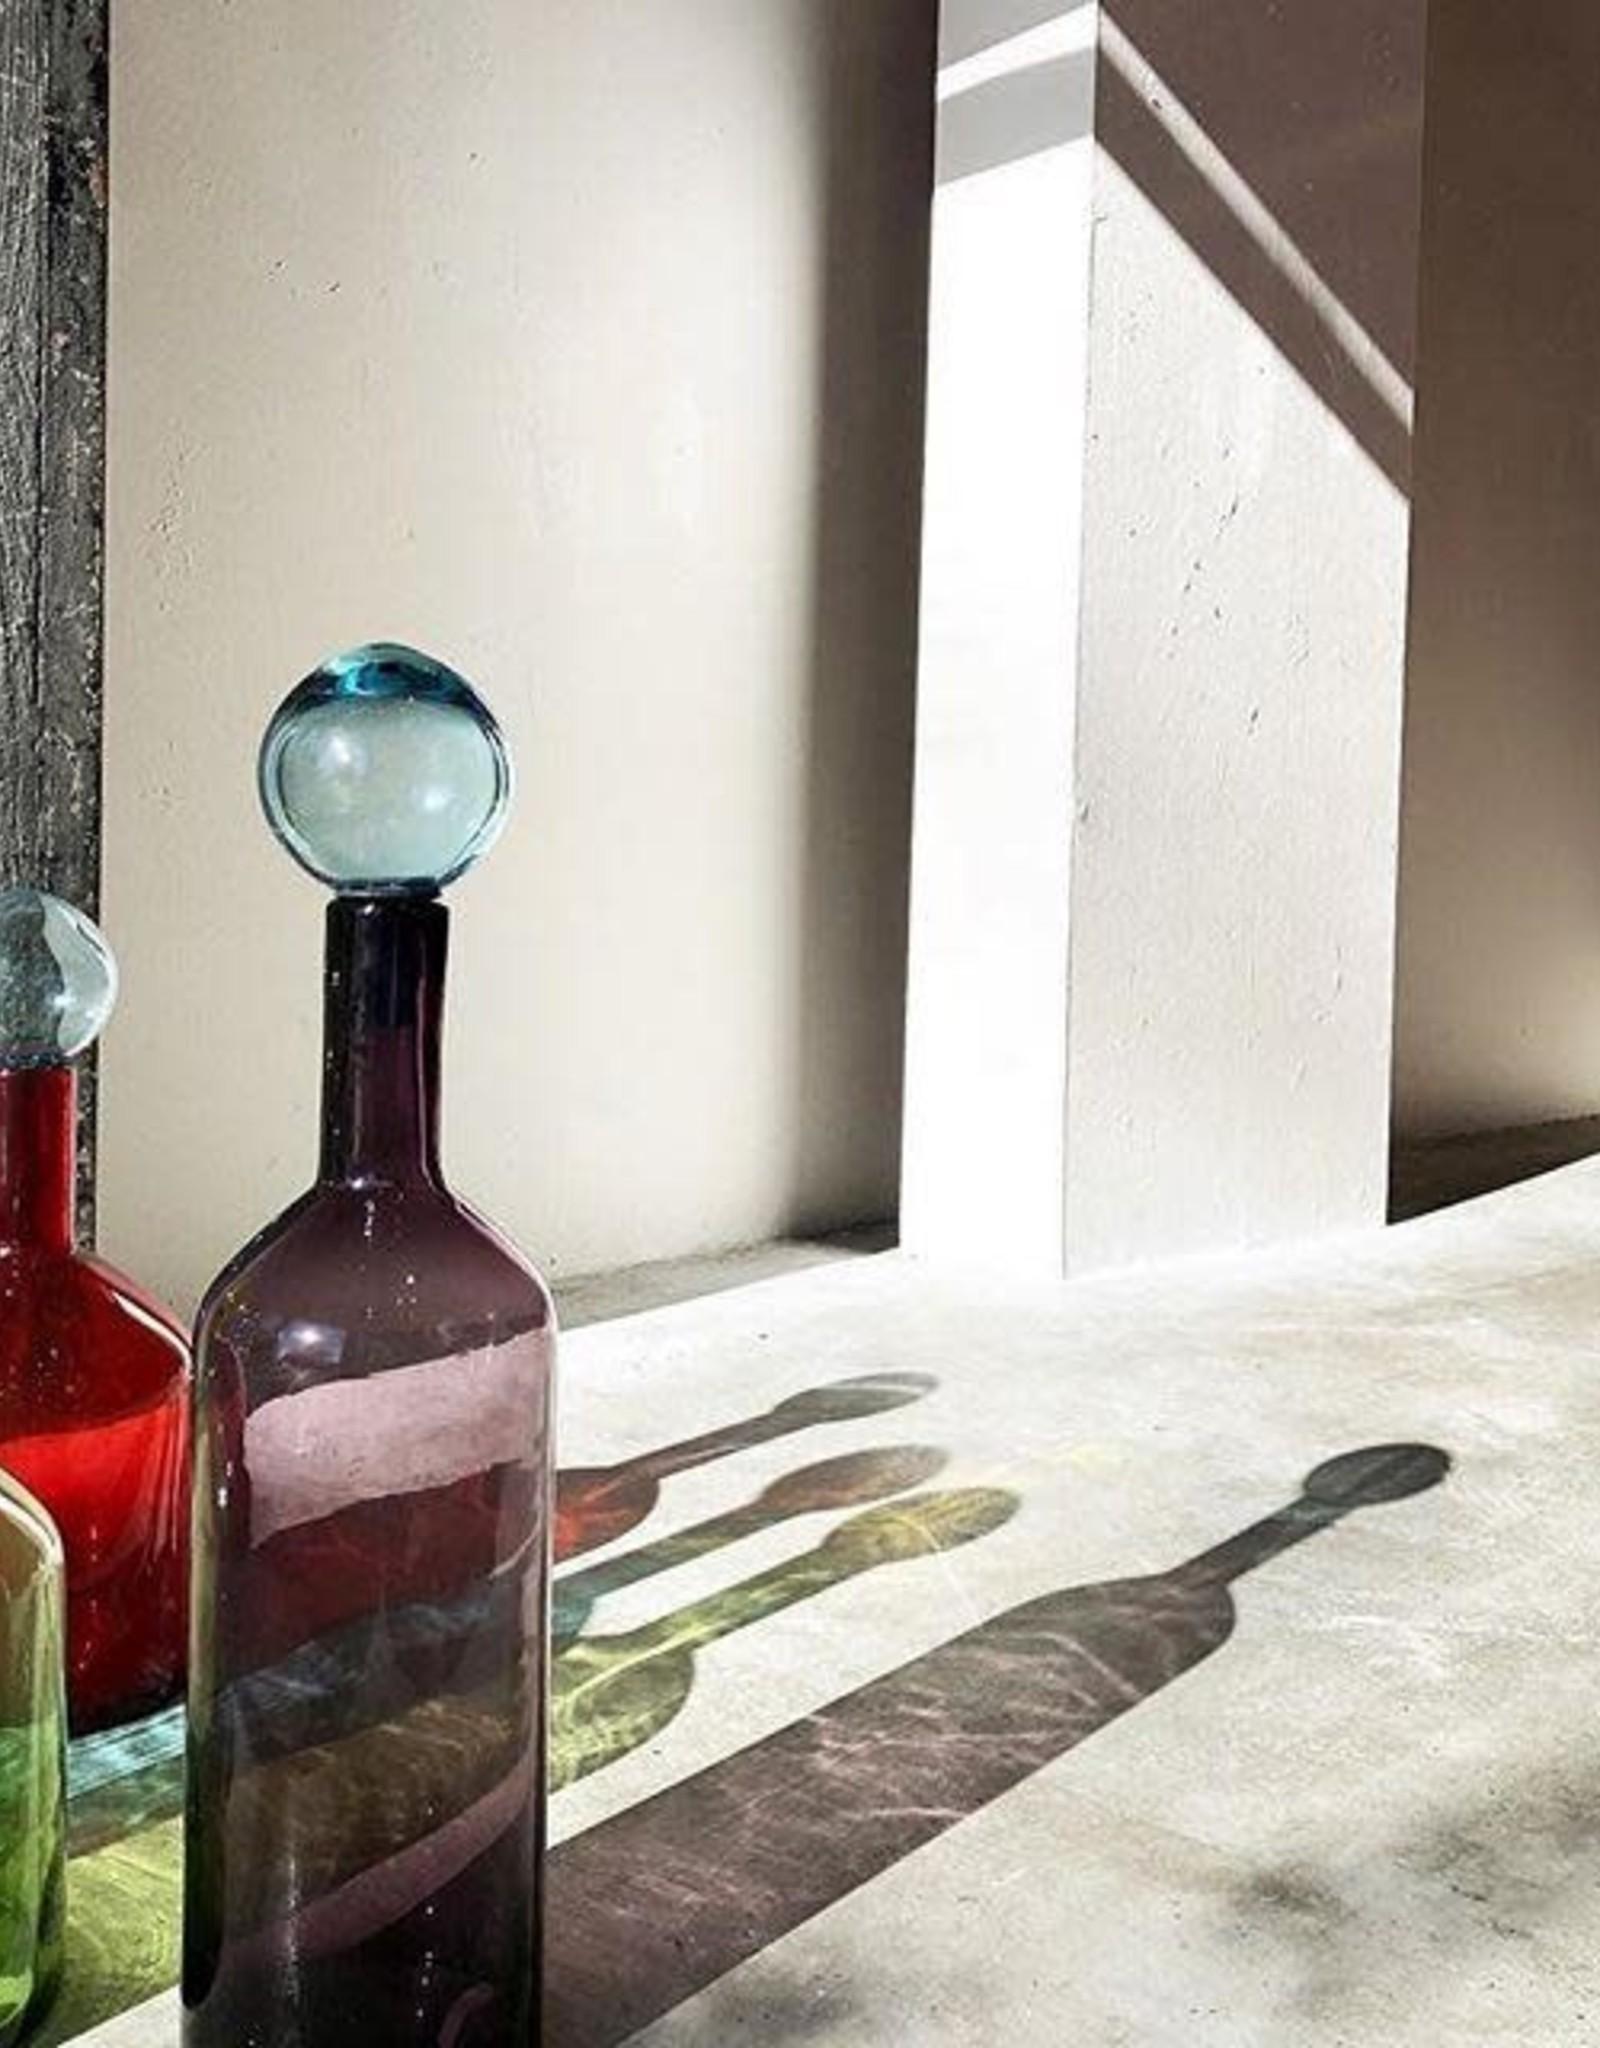 Pols Potten Bubbles & Bottles - set of 4